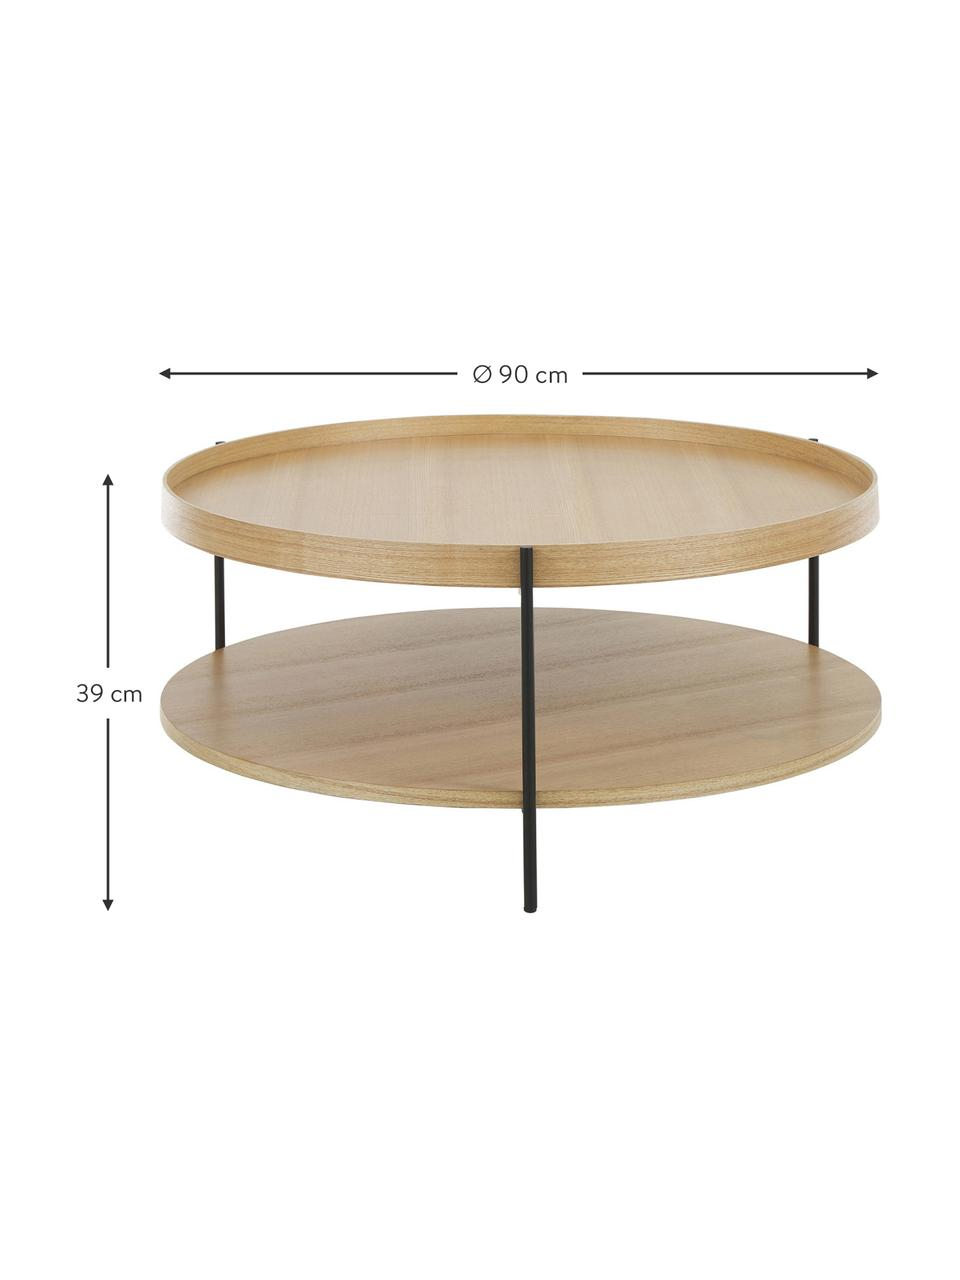 Großer Holz-Couchtisch Renee mit Eschenholzfurnier, Gestell: Metall, pulverbeschichtet, Eschenholz, Ø 90 x H 39 cm